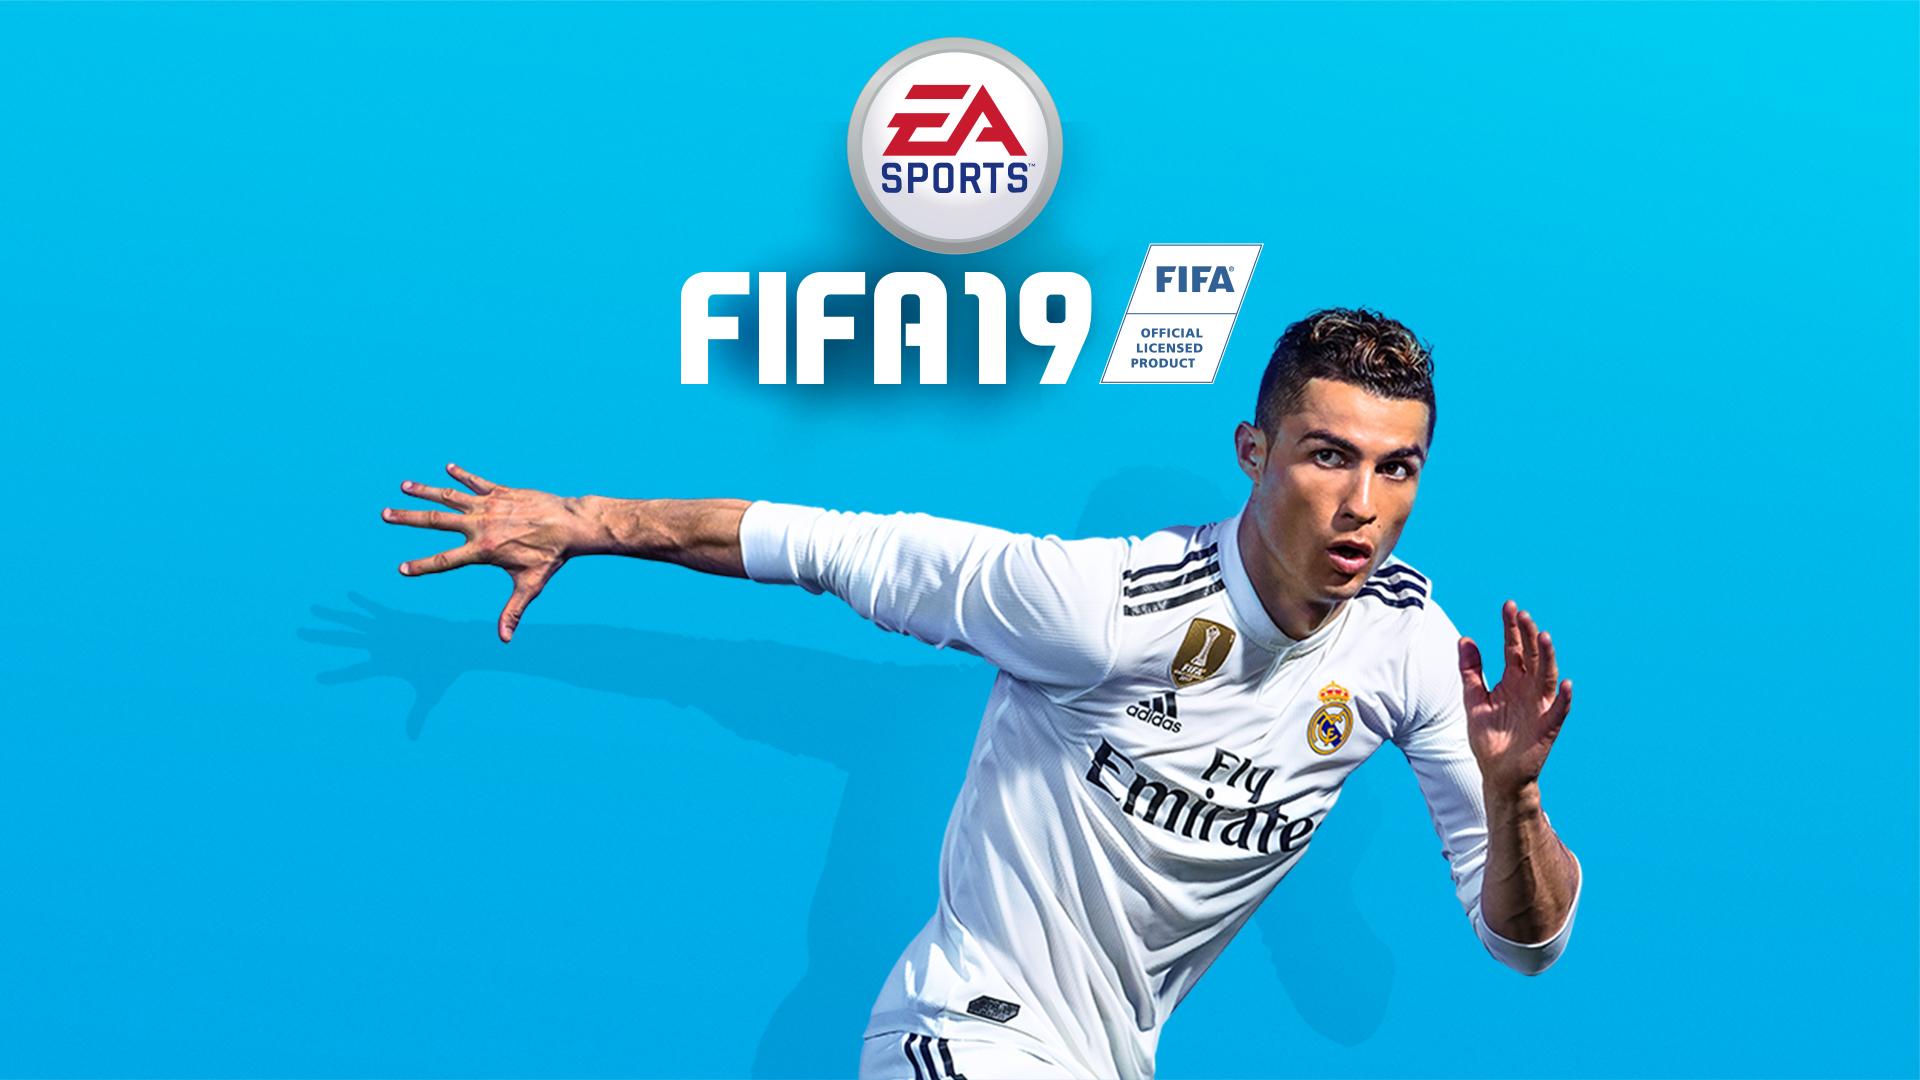 لیست کامل موسیقیهای متن بازی FIFA 19 منتشر شد